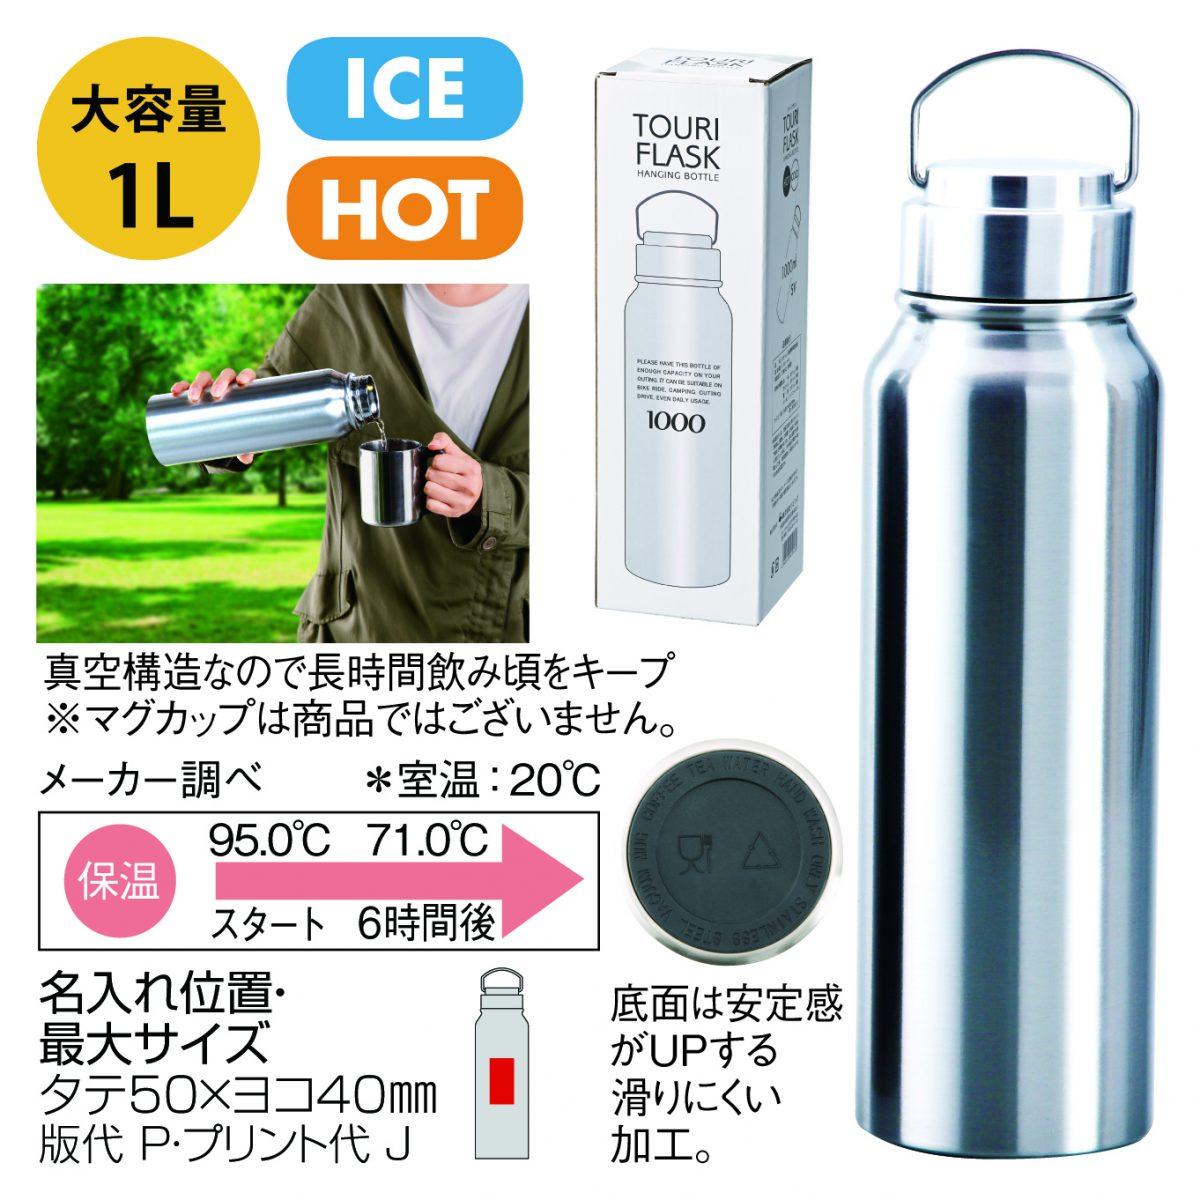 トゥーリフラスク・真空二重ステンレスボトル 1L(シルバー)